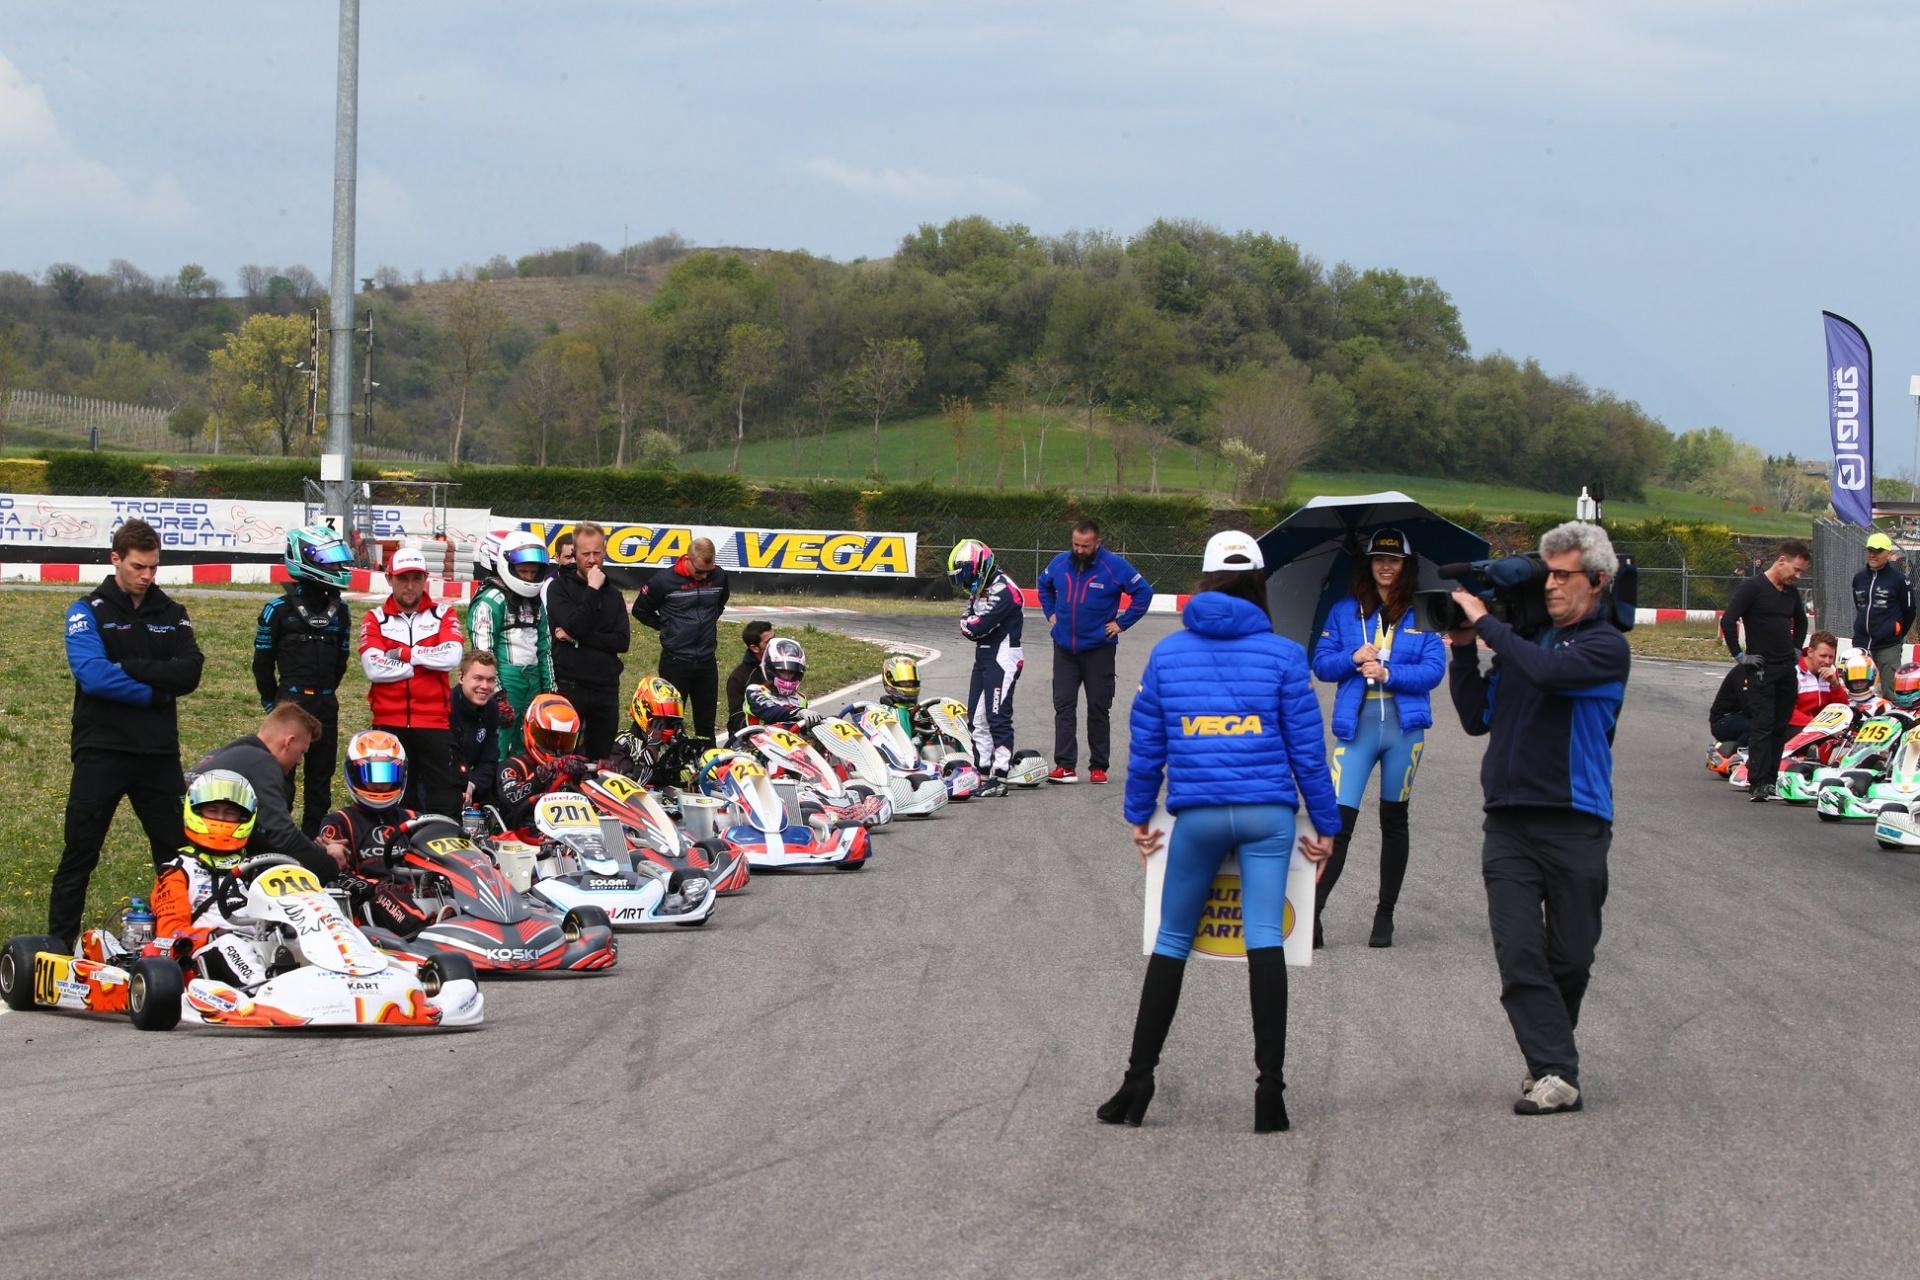 Il 31° Trofeo Andrea Margutti a Lonato e' rinviato al 30 agosto 2020